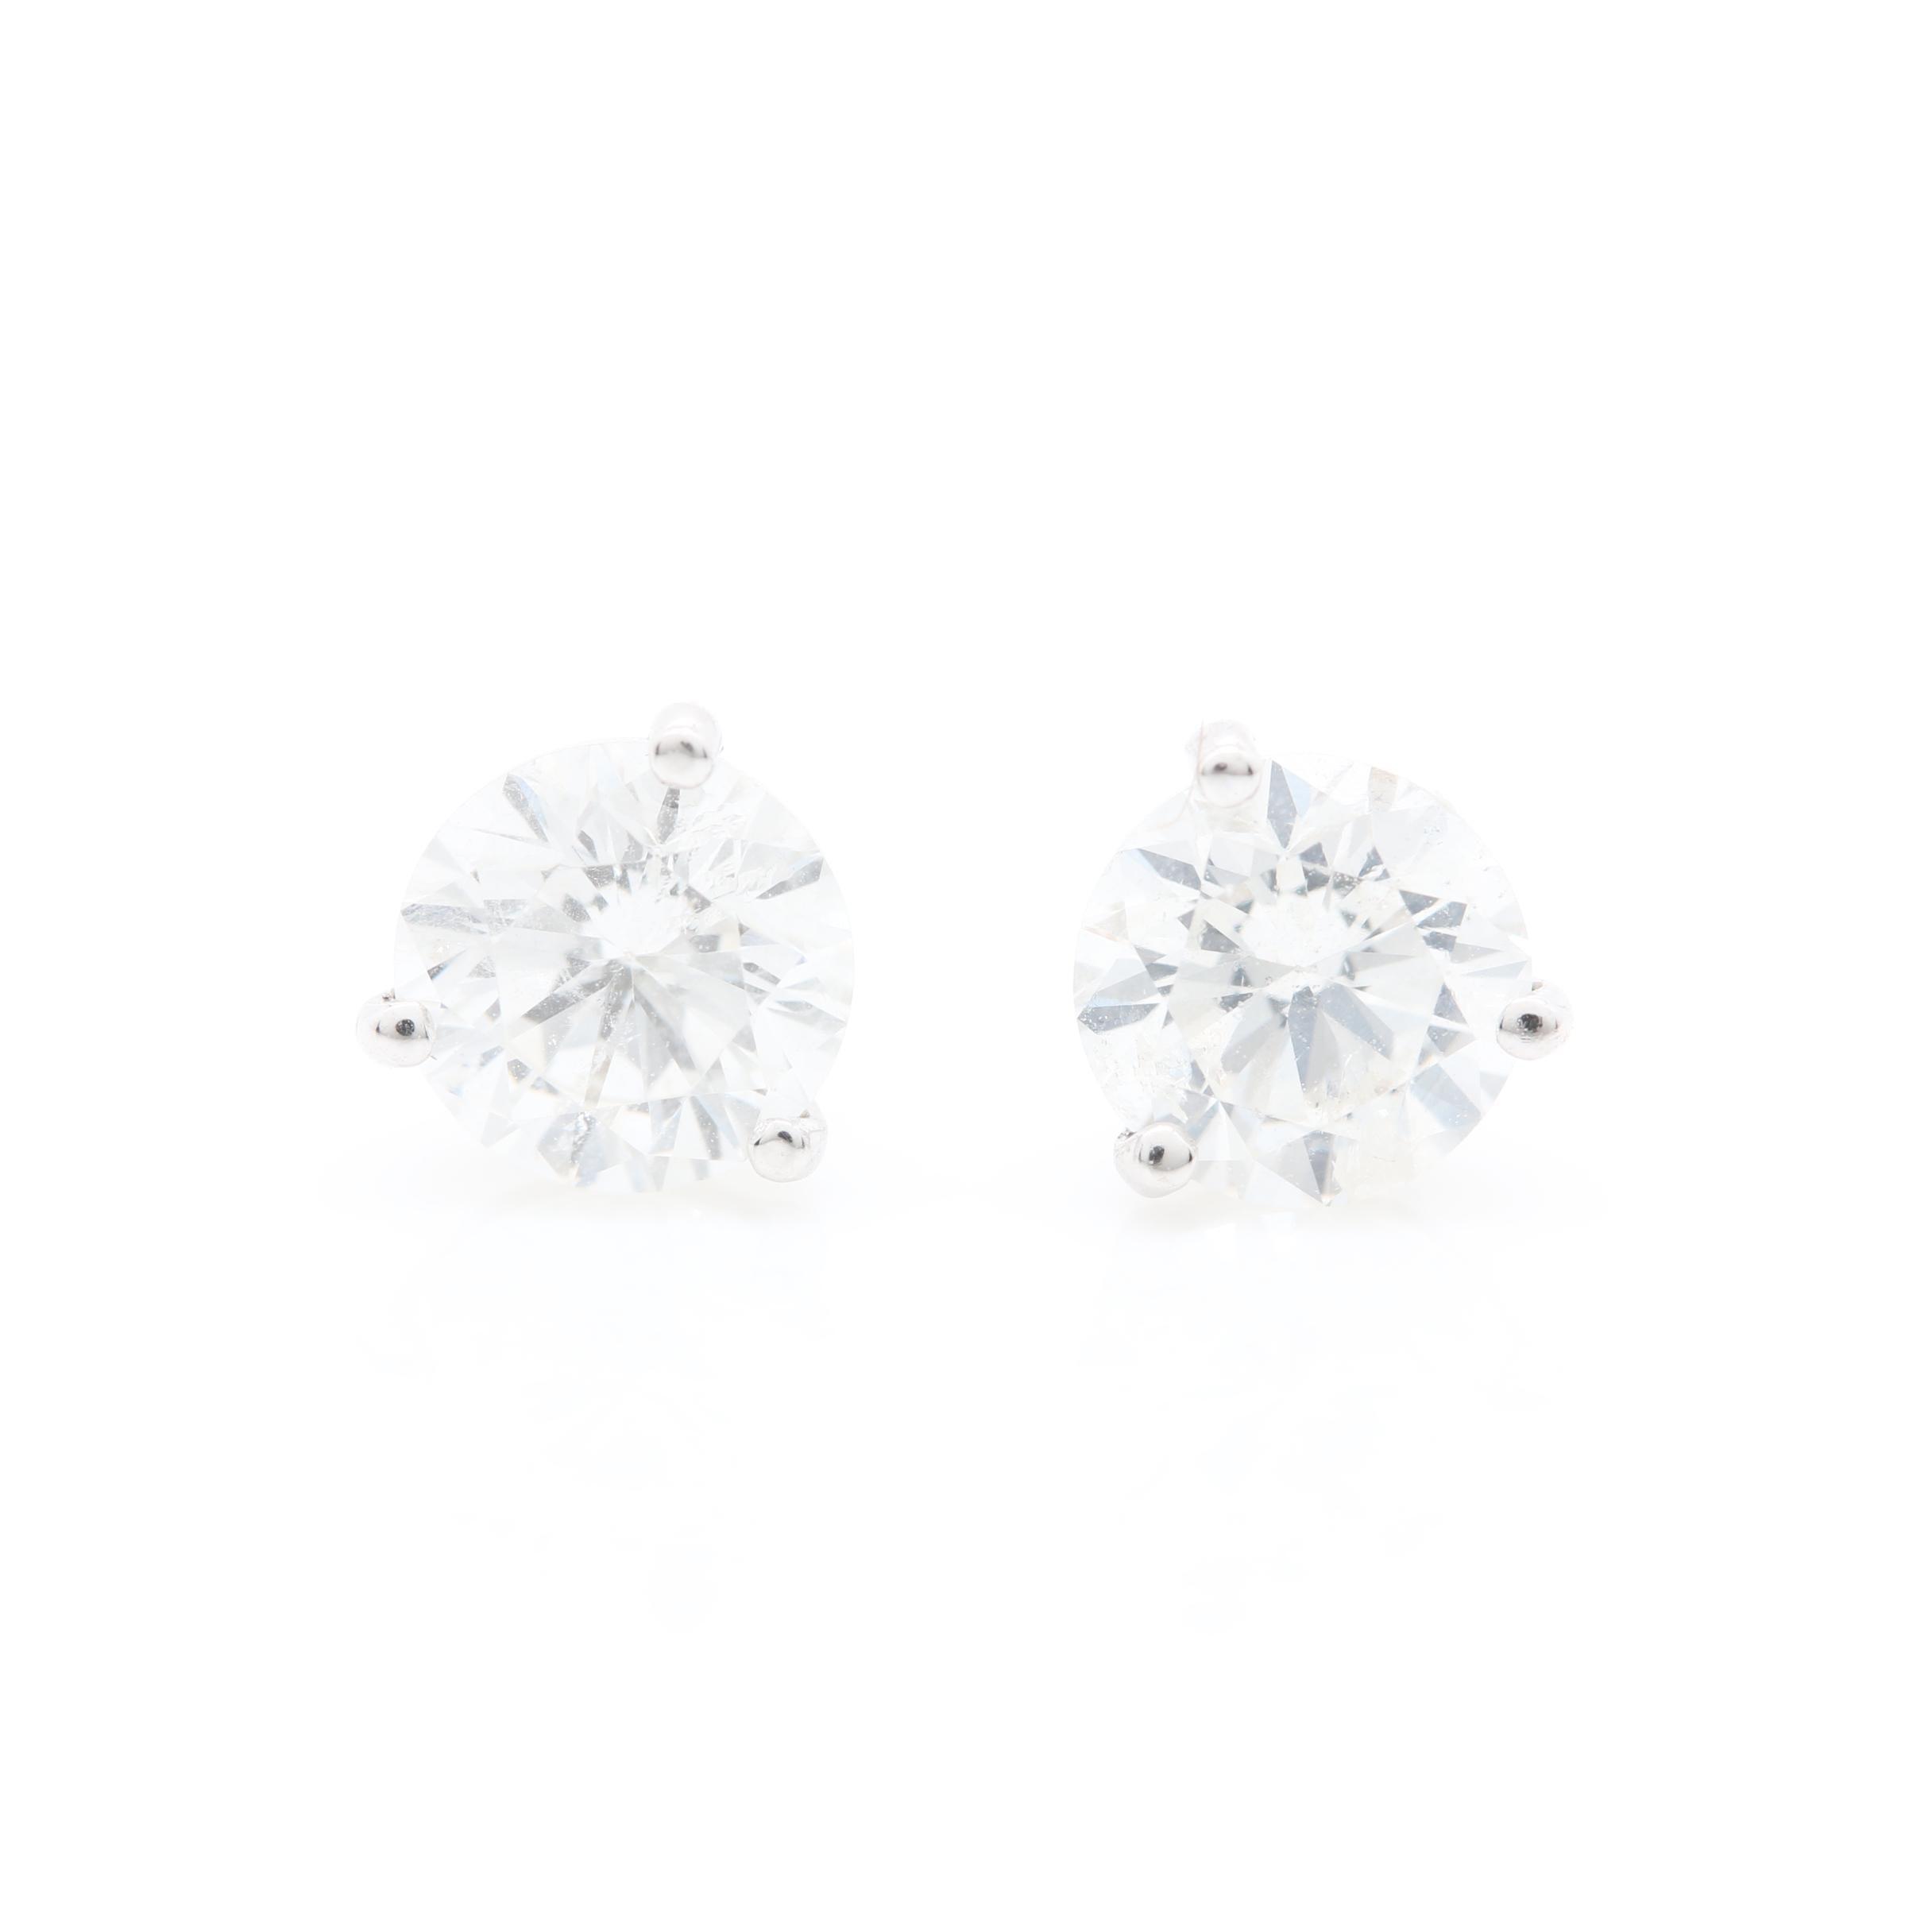 14K White Gold 1.19 CTW Diamond Stud Earrings